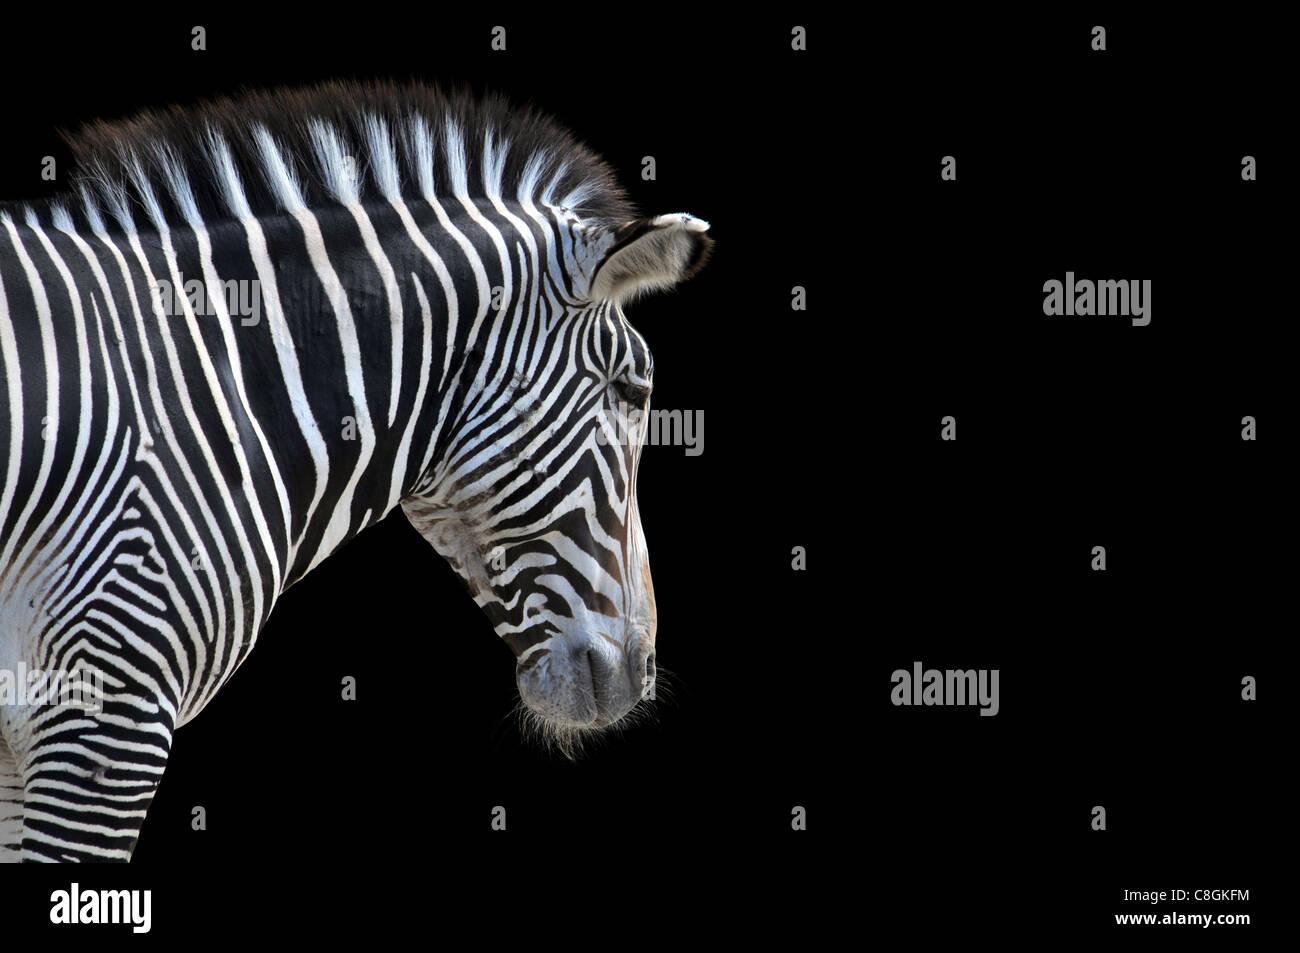 Ritratto di Zebra isolata su uno sfondo nero con spazio per il testo Immagini Stock